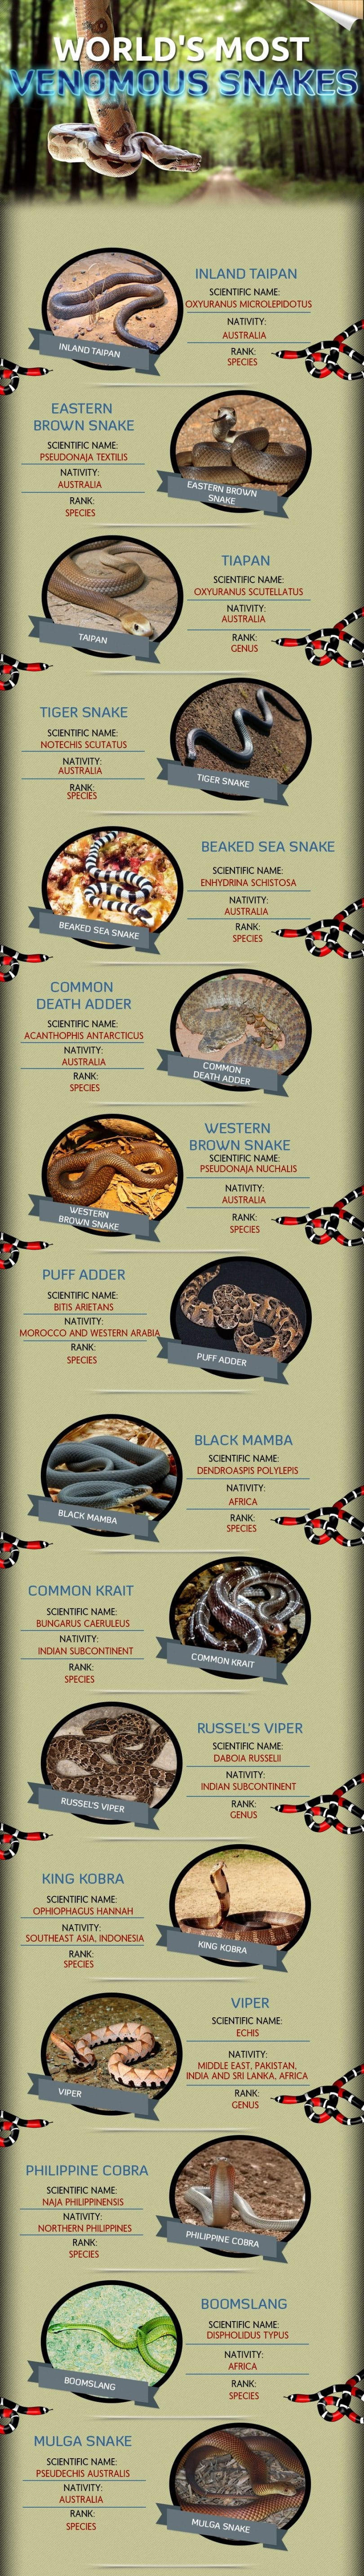 World's most venomous snakes